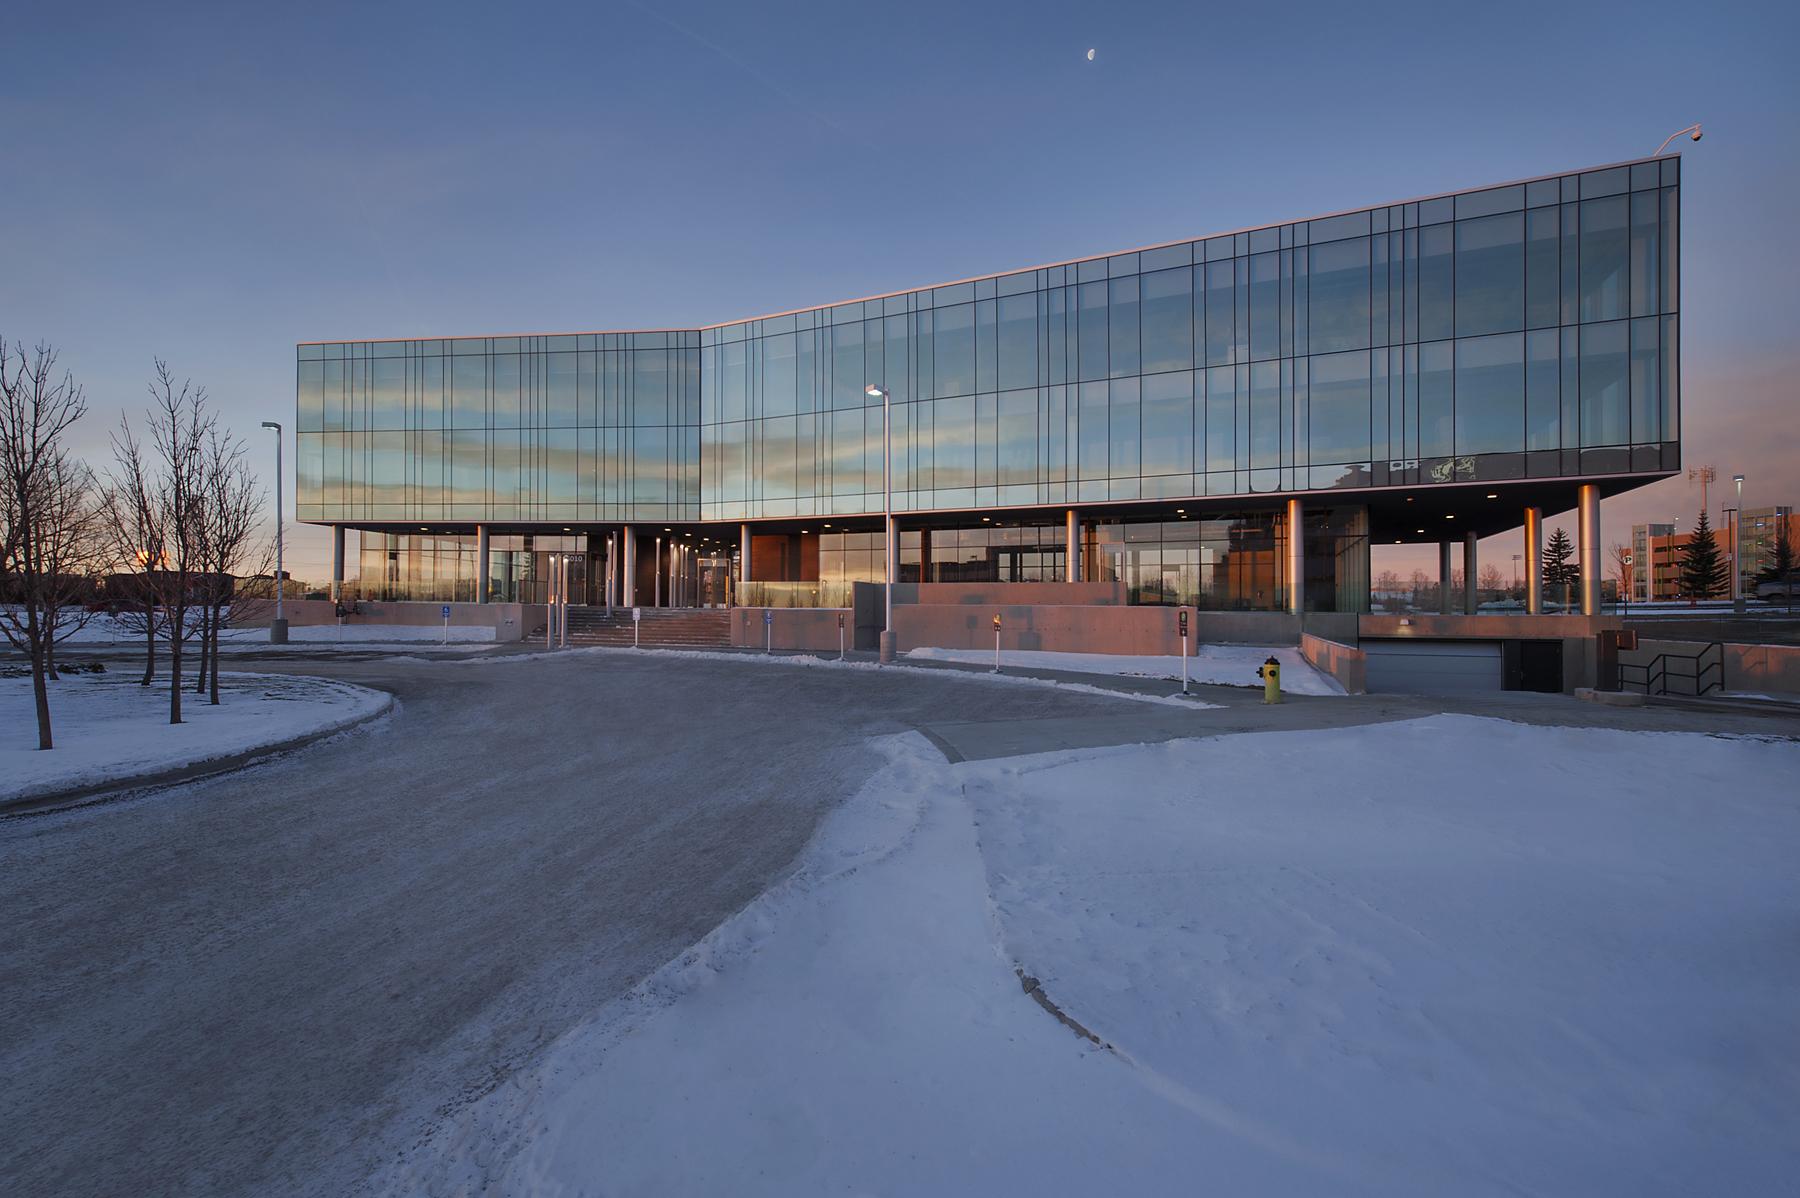 2013 MoDA Architecture